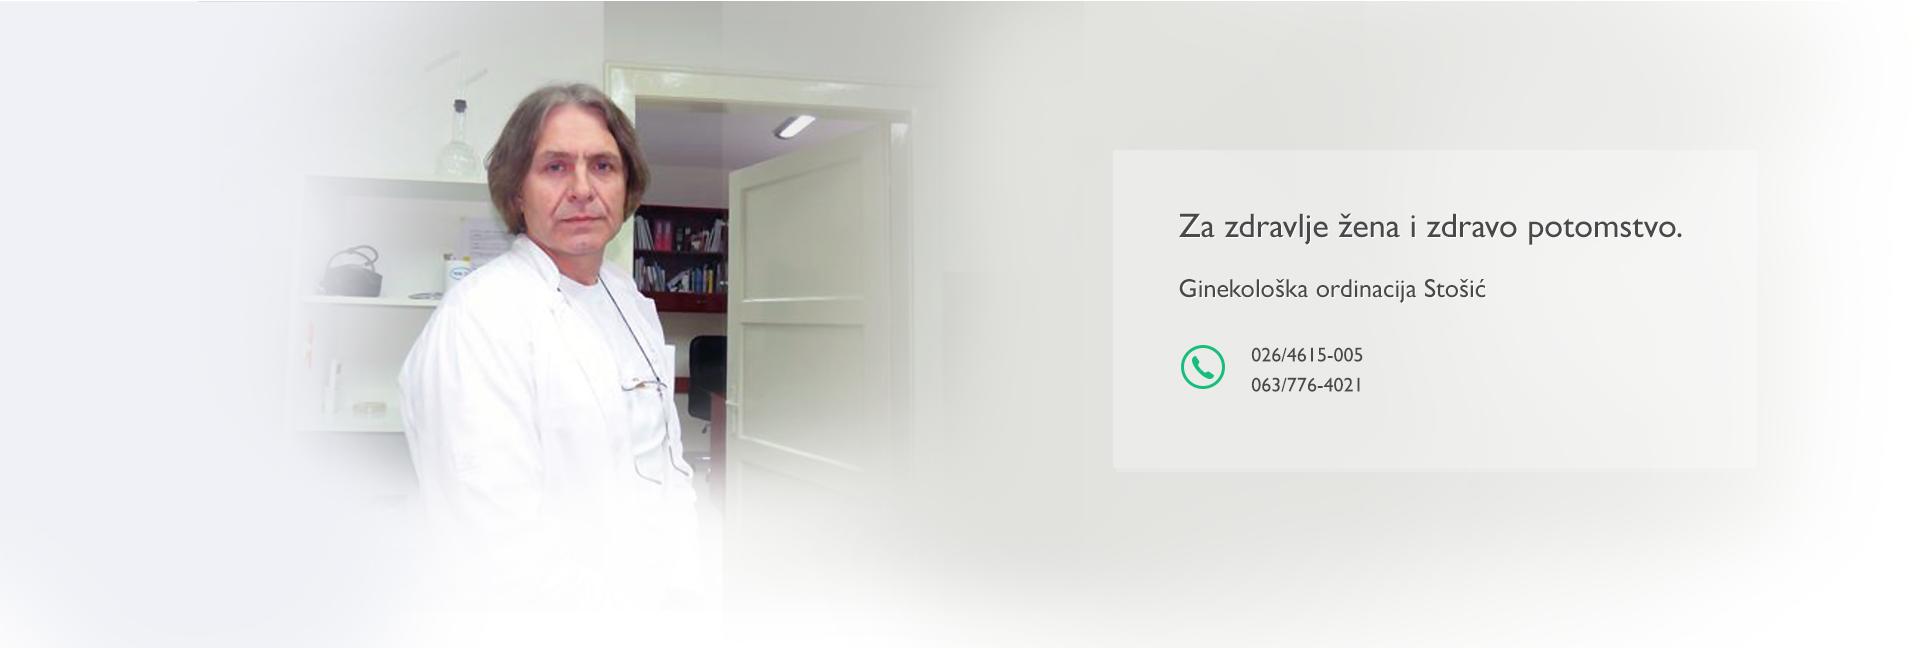 Ginekološka ordinacija Stošić